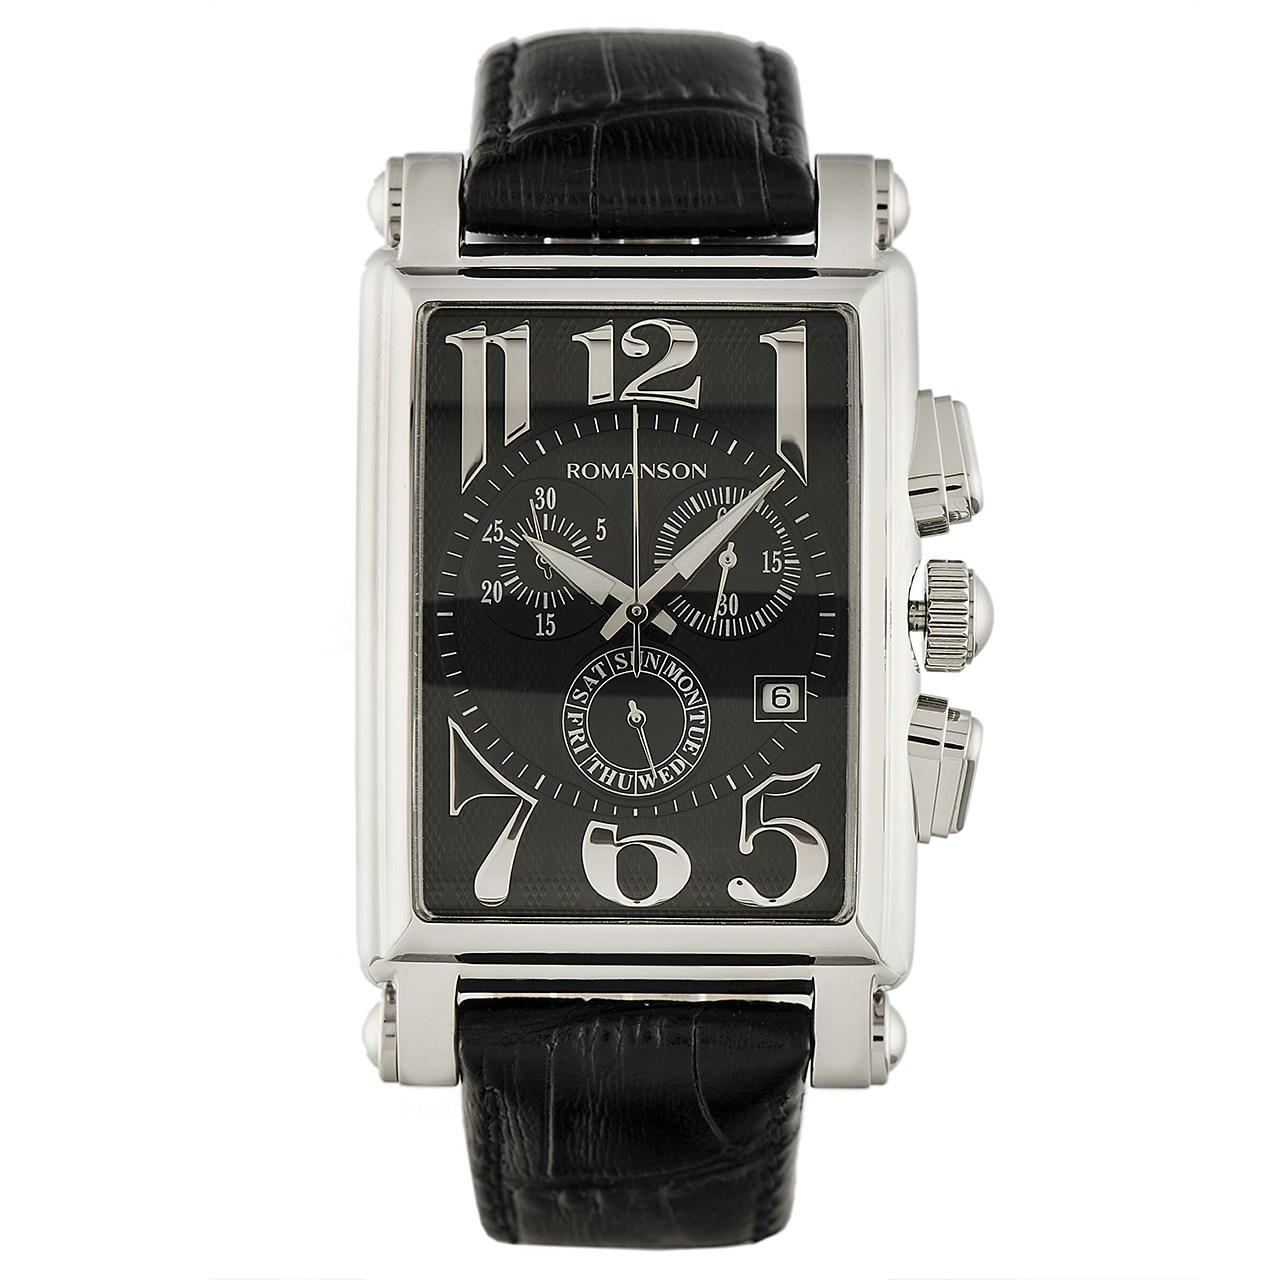 ساعت مچی عقربه ای مردانه رومانسون مدل TL6599HM1WA32W 31